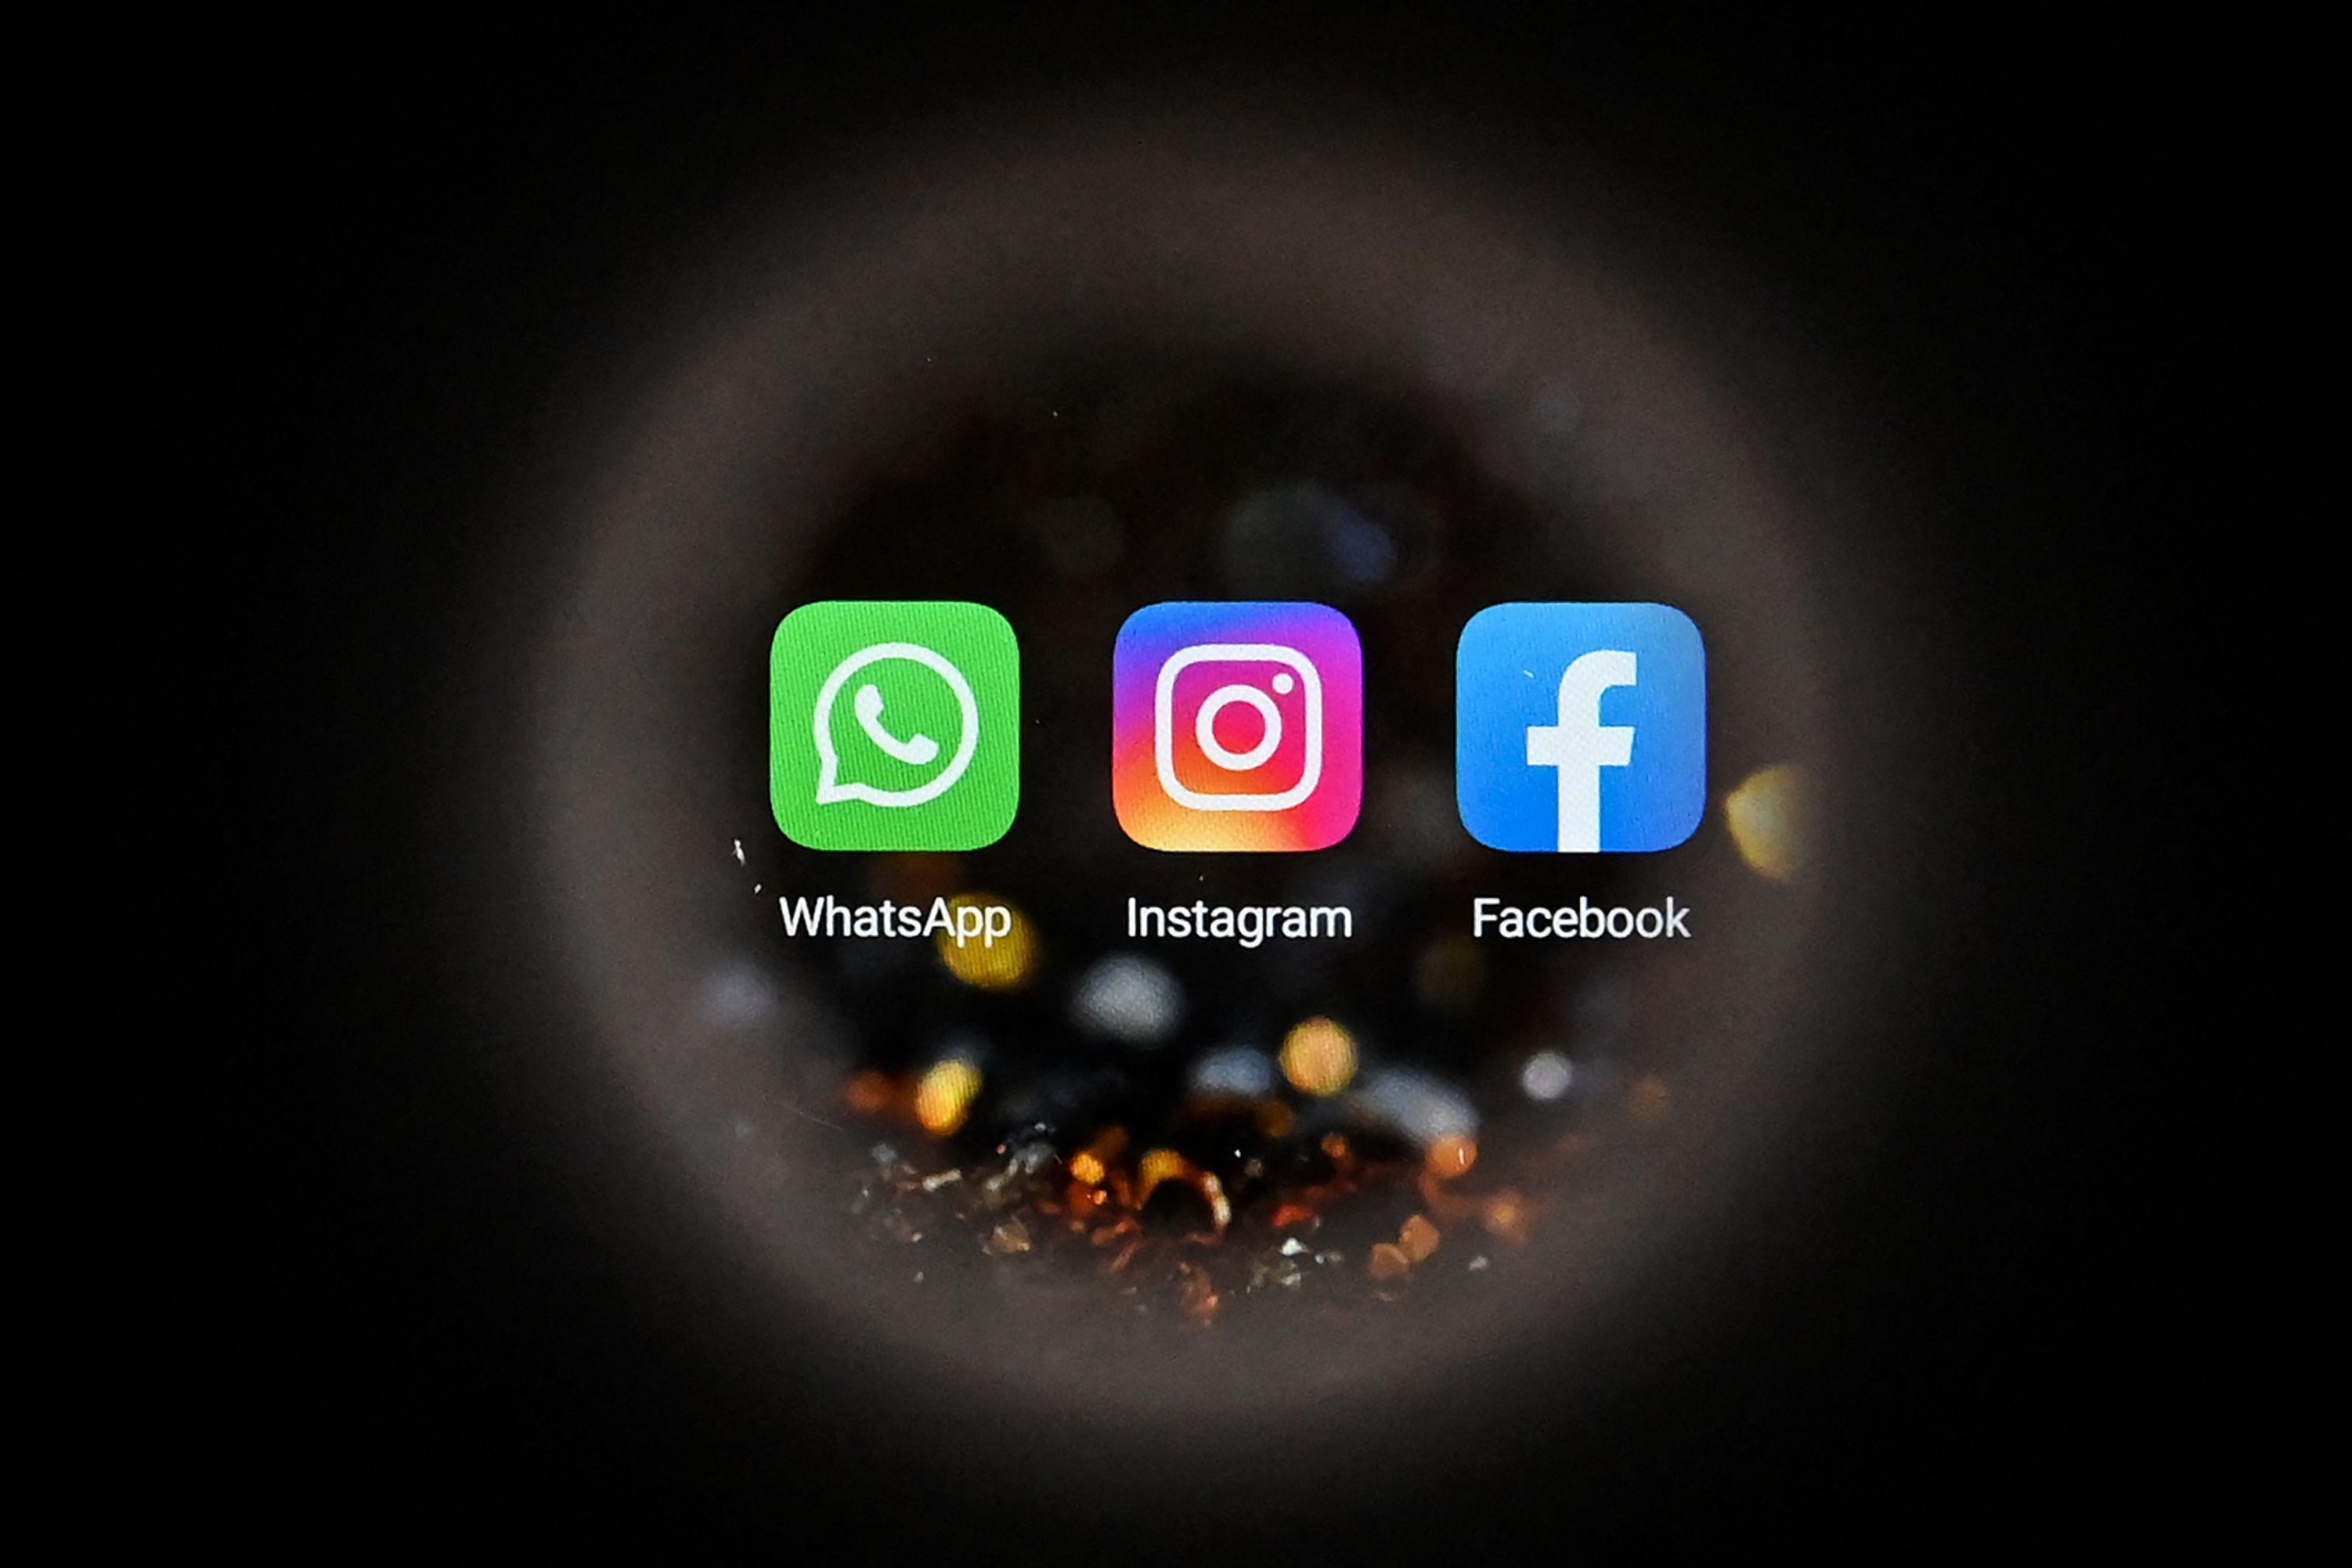 Facebook har fått mye kritikk i det siste for å prioritere profitt over brukernes interesser. Snart skal de rulle ut